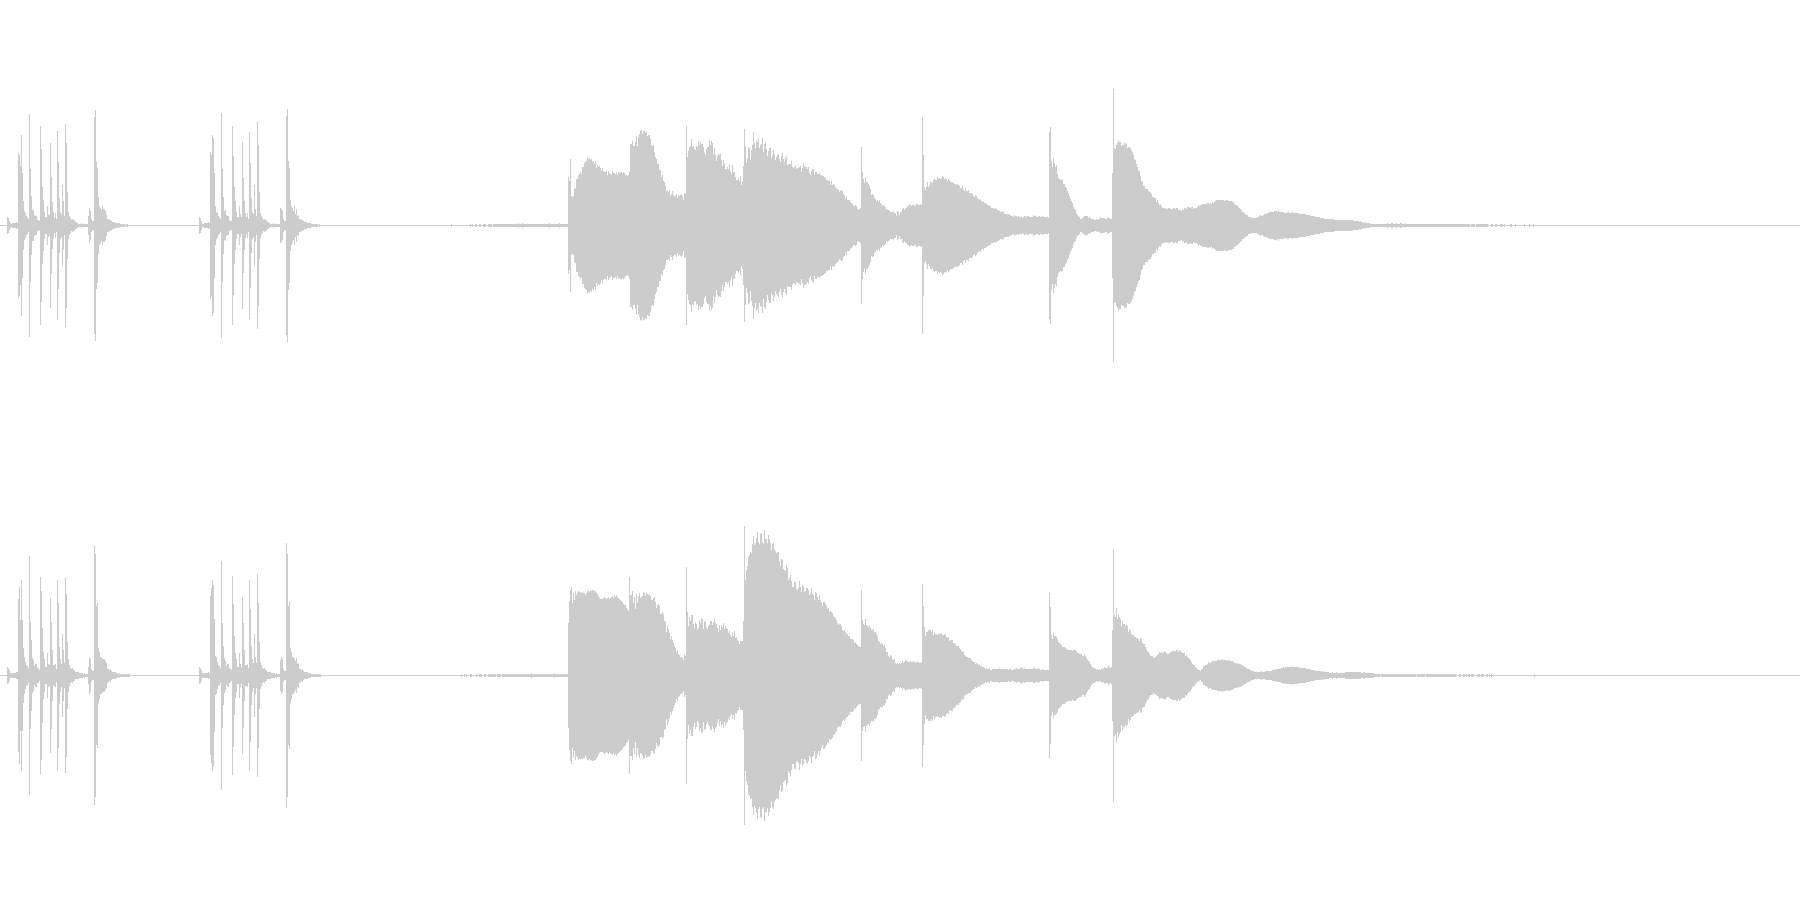 ジングル用オルゴール楽曲12-1の未再生の波形